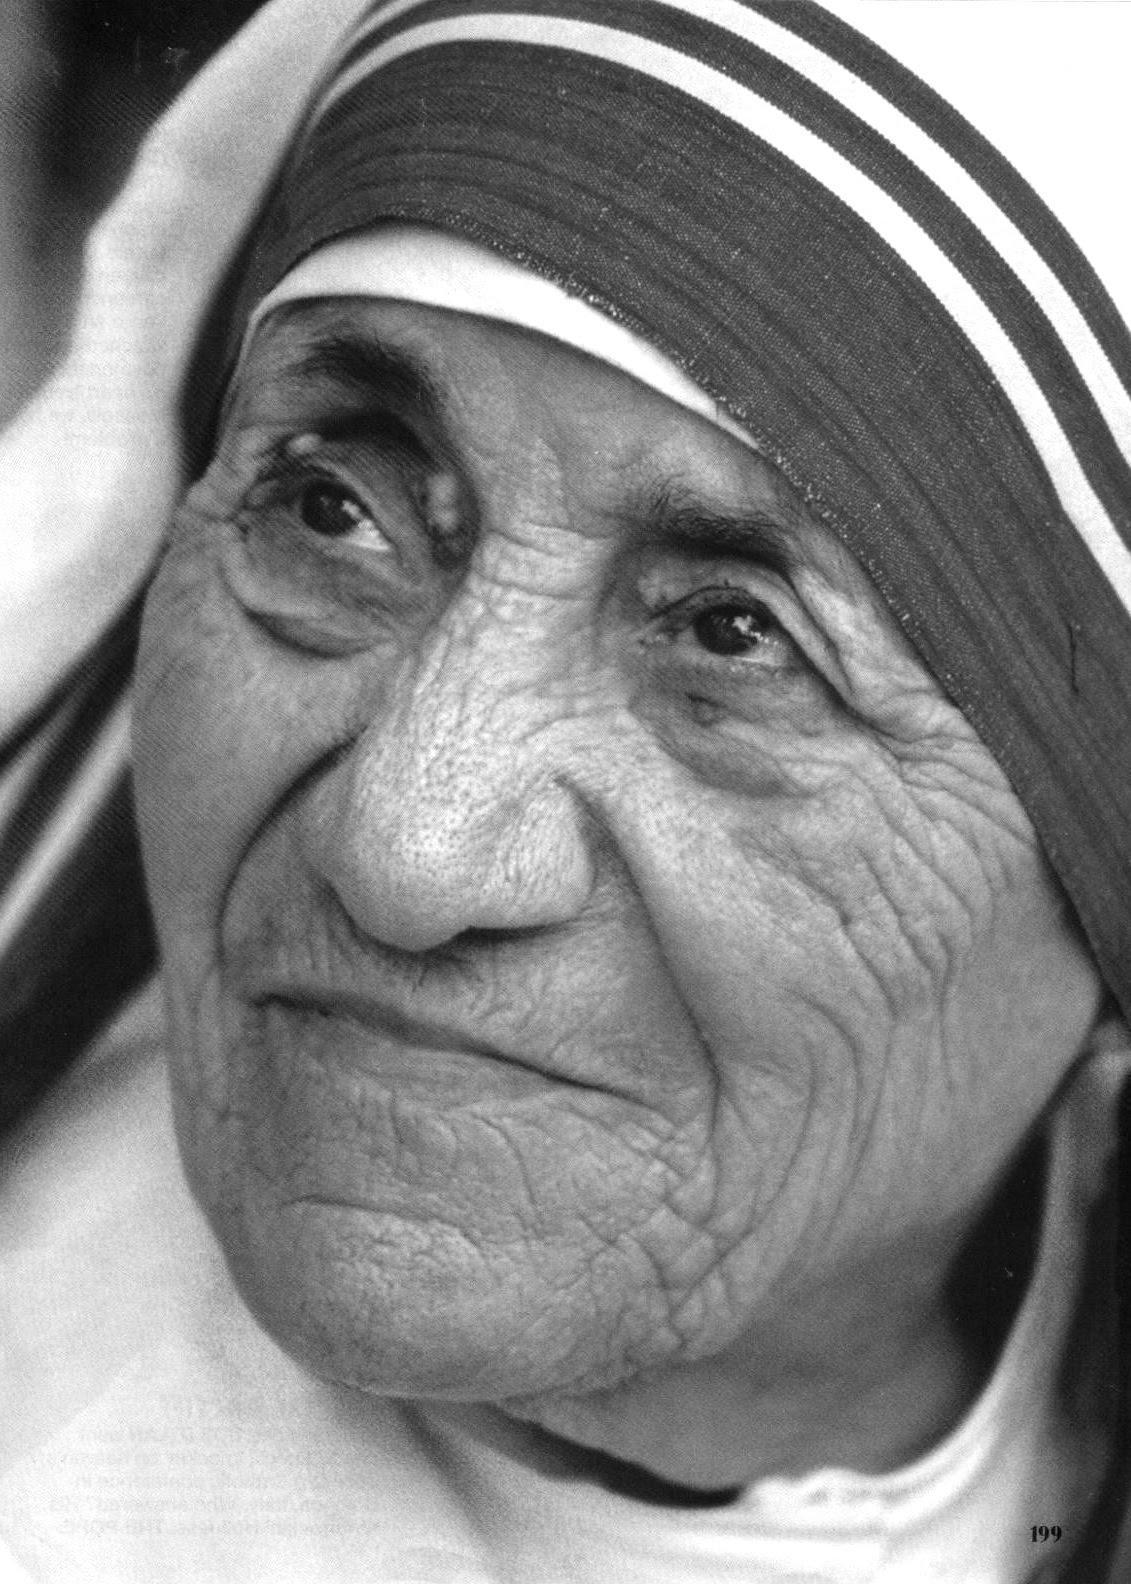 http://4.bp.blogspot.com/_FvBiTzZg7-w/TEZ6oD3T1jI/AAAAAAAAI_Q/dn1D1enMH-g/s1600/Mother+Teresa.bmp